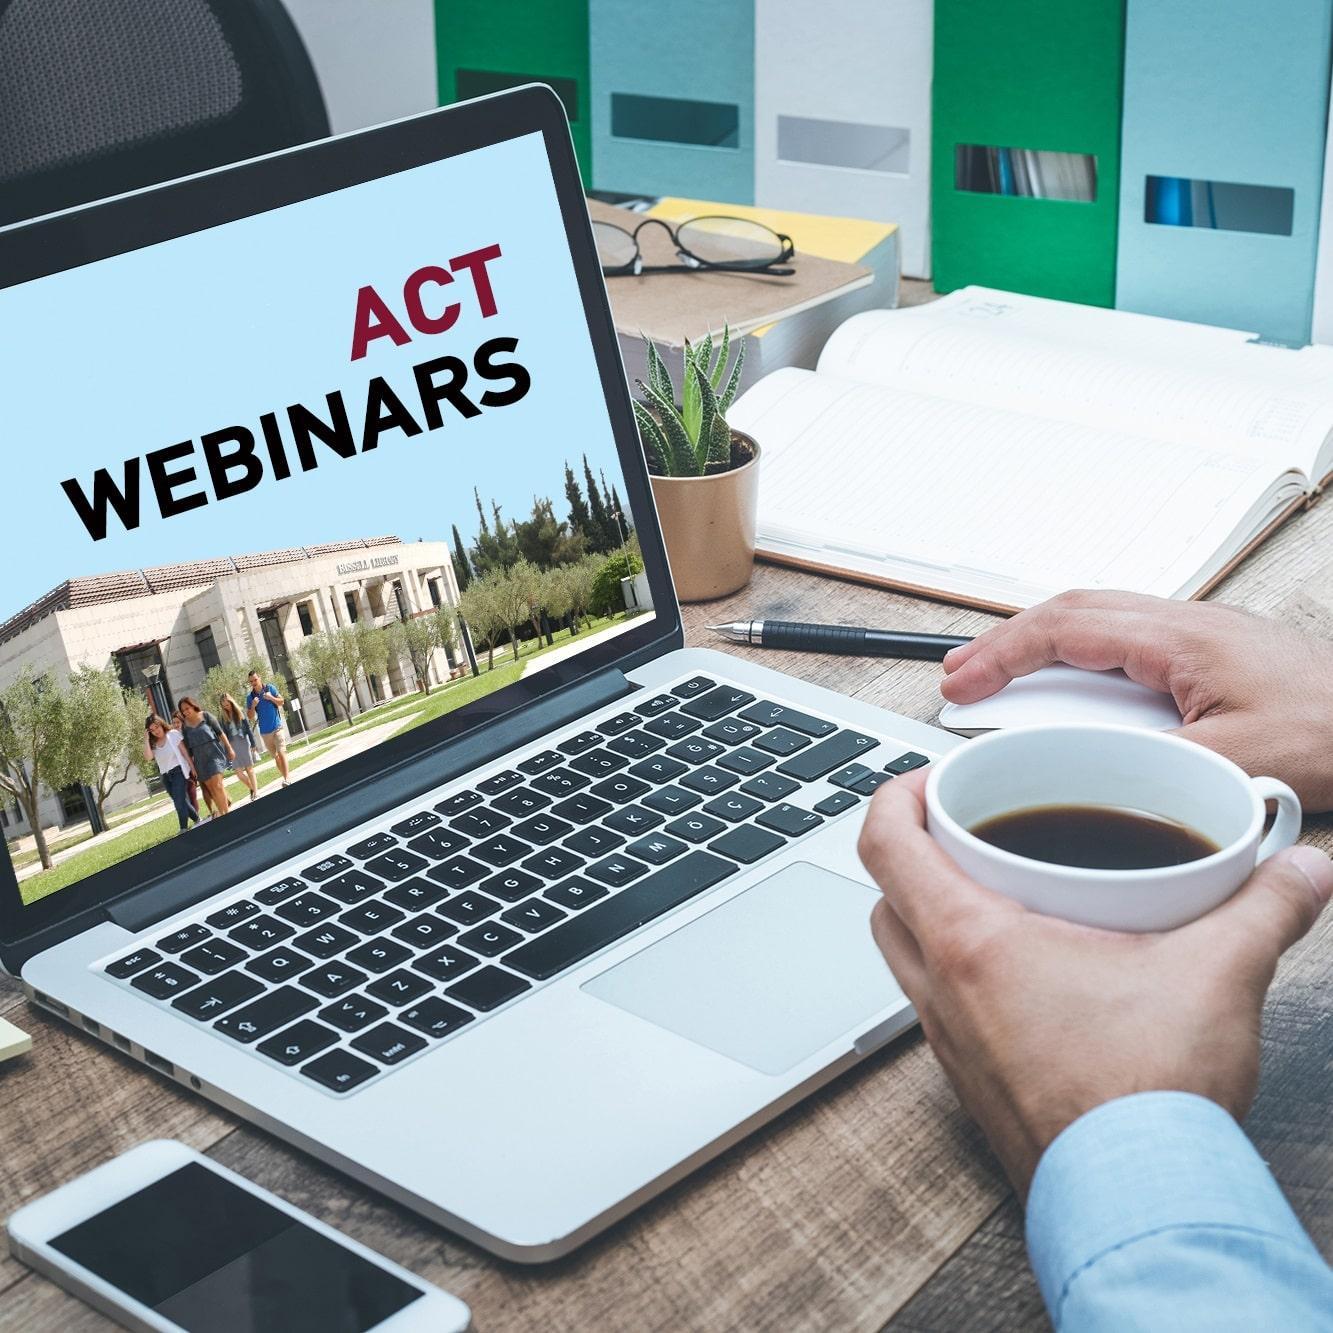 act_webinars-min